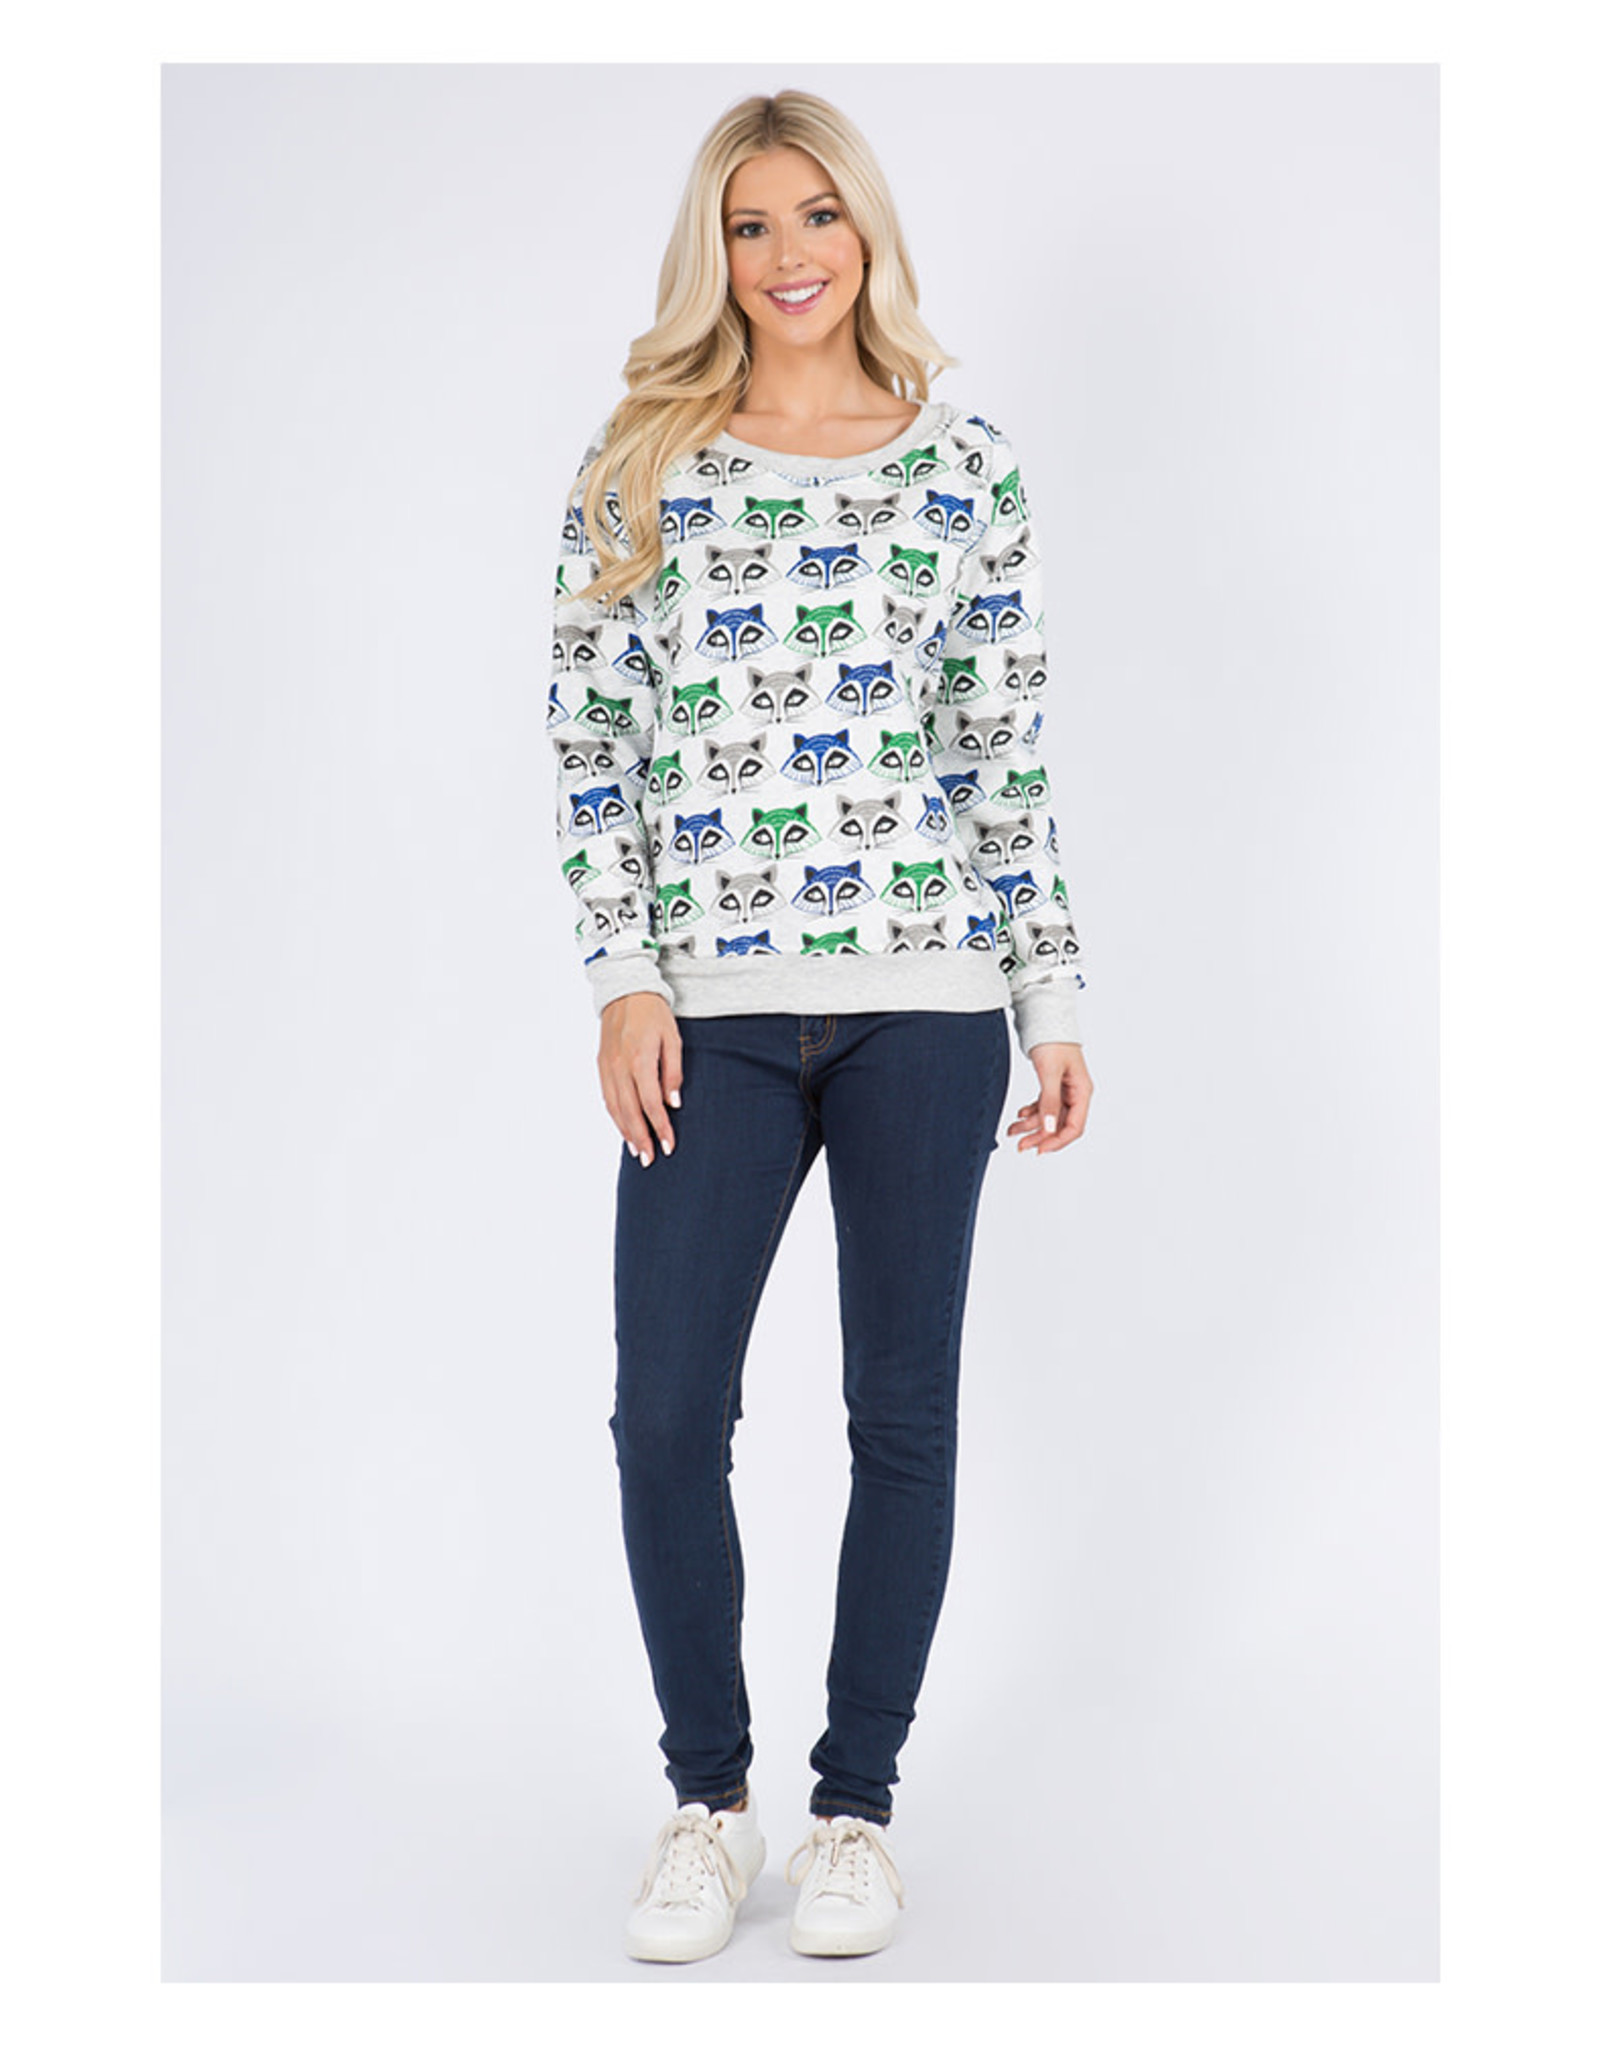 Raccoon Face Sweatshirt